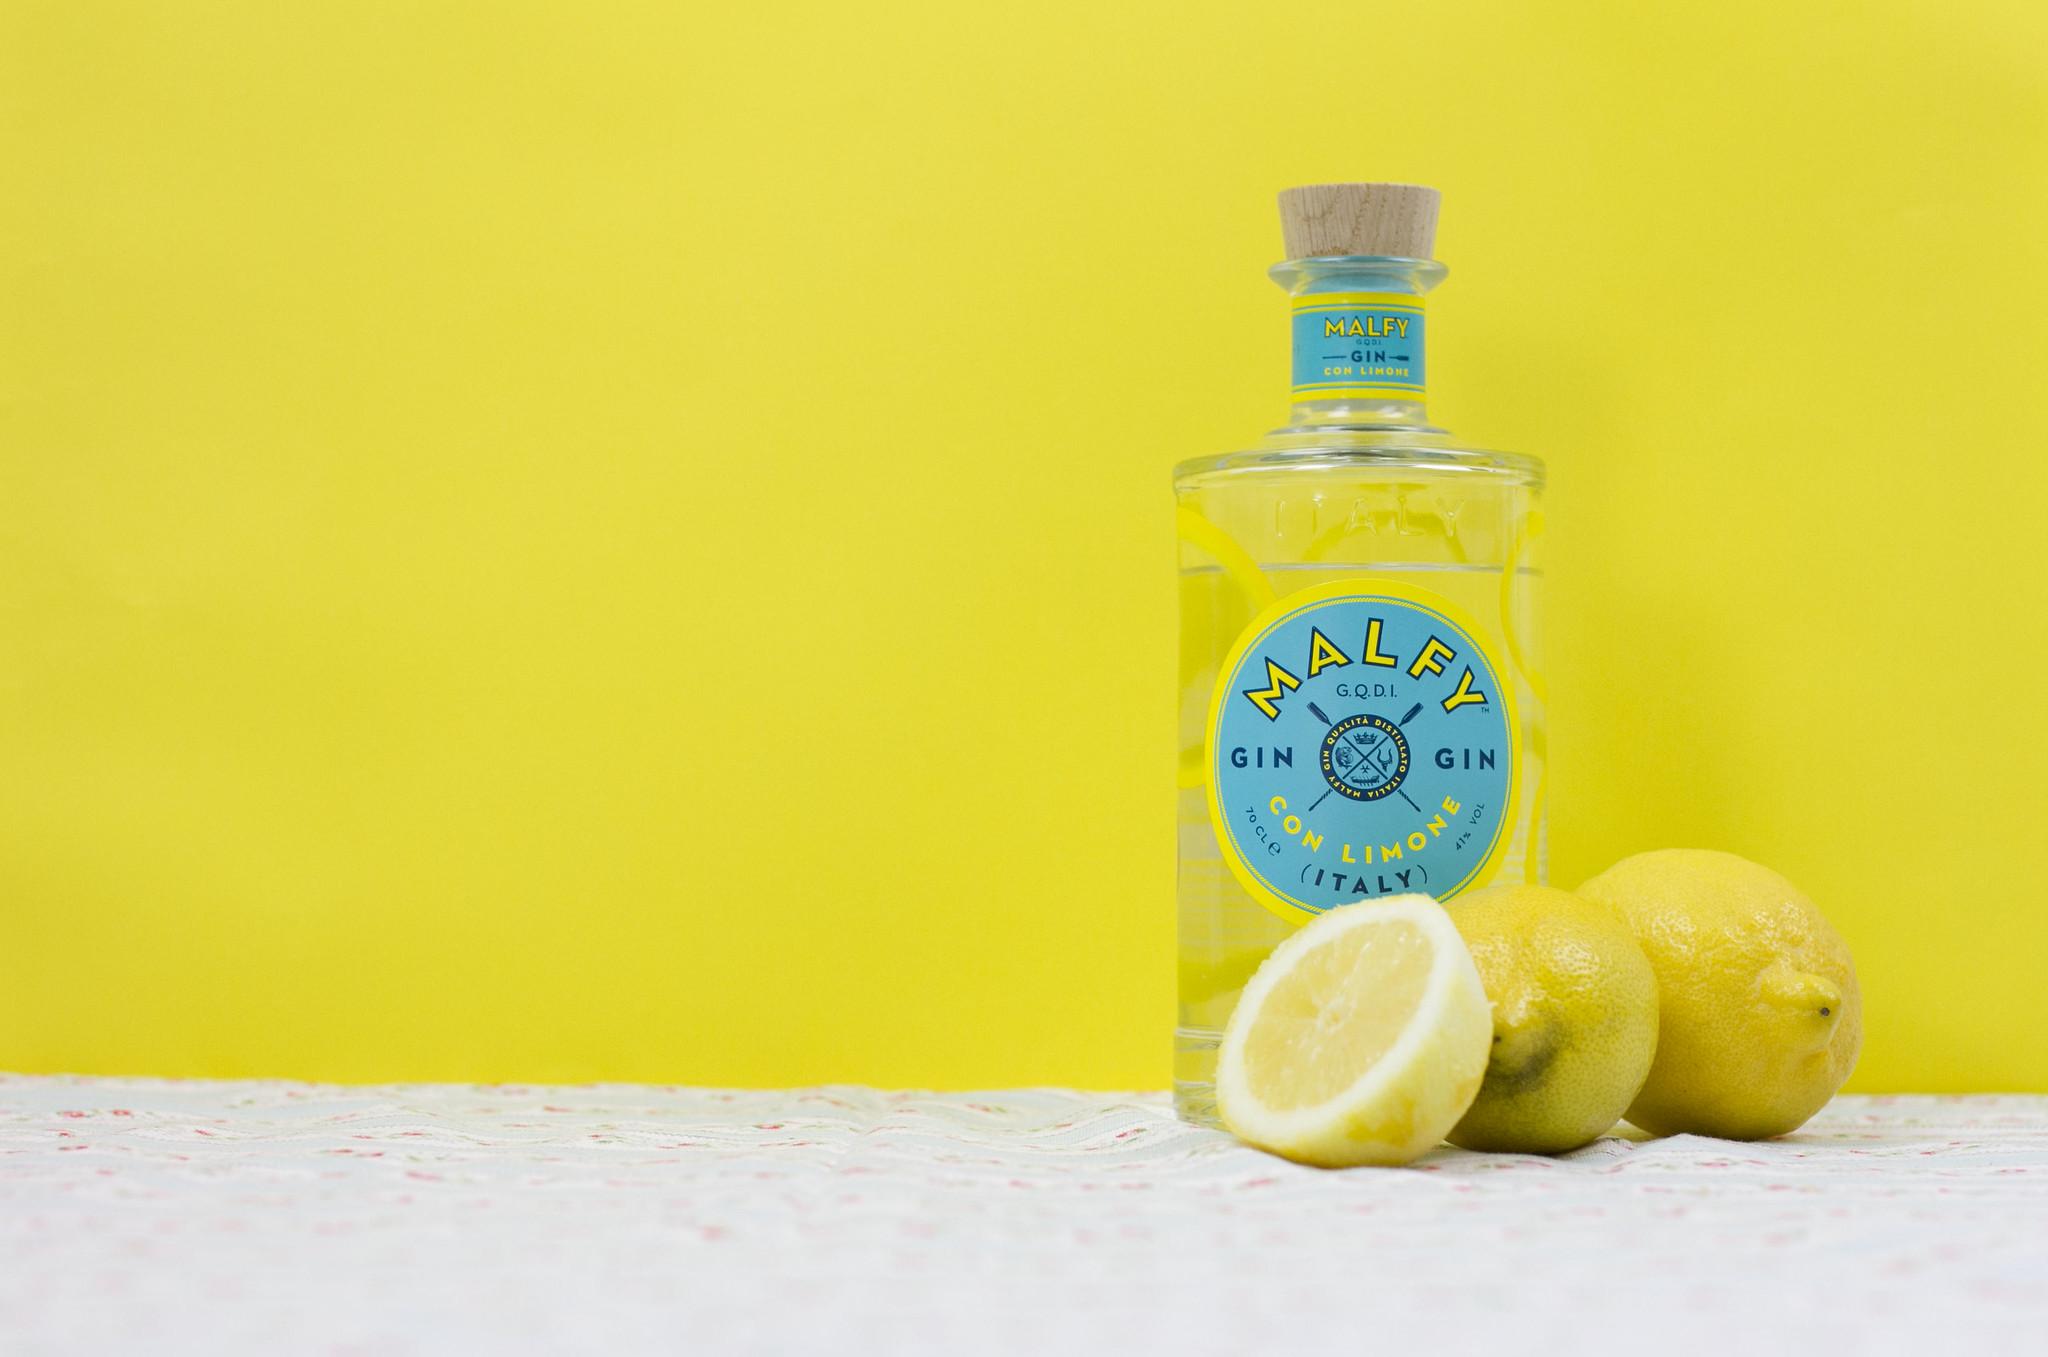 Malfy Lemon Gin